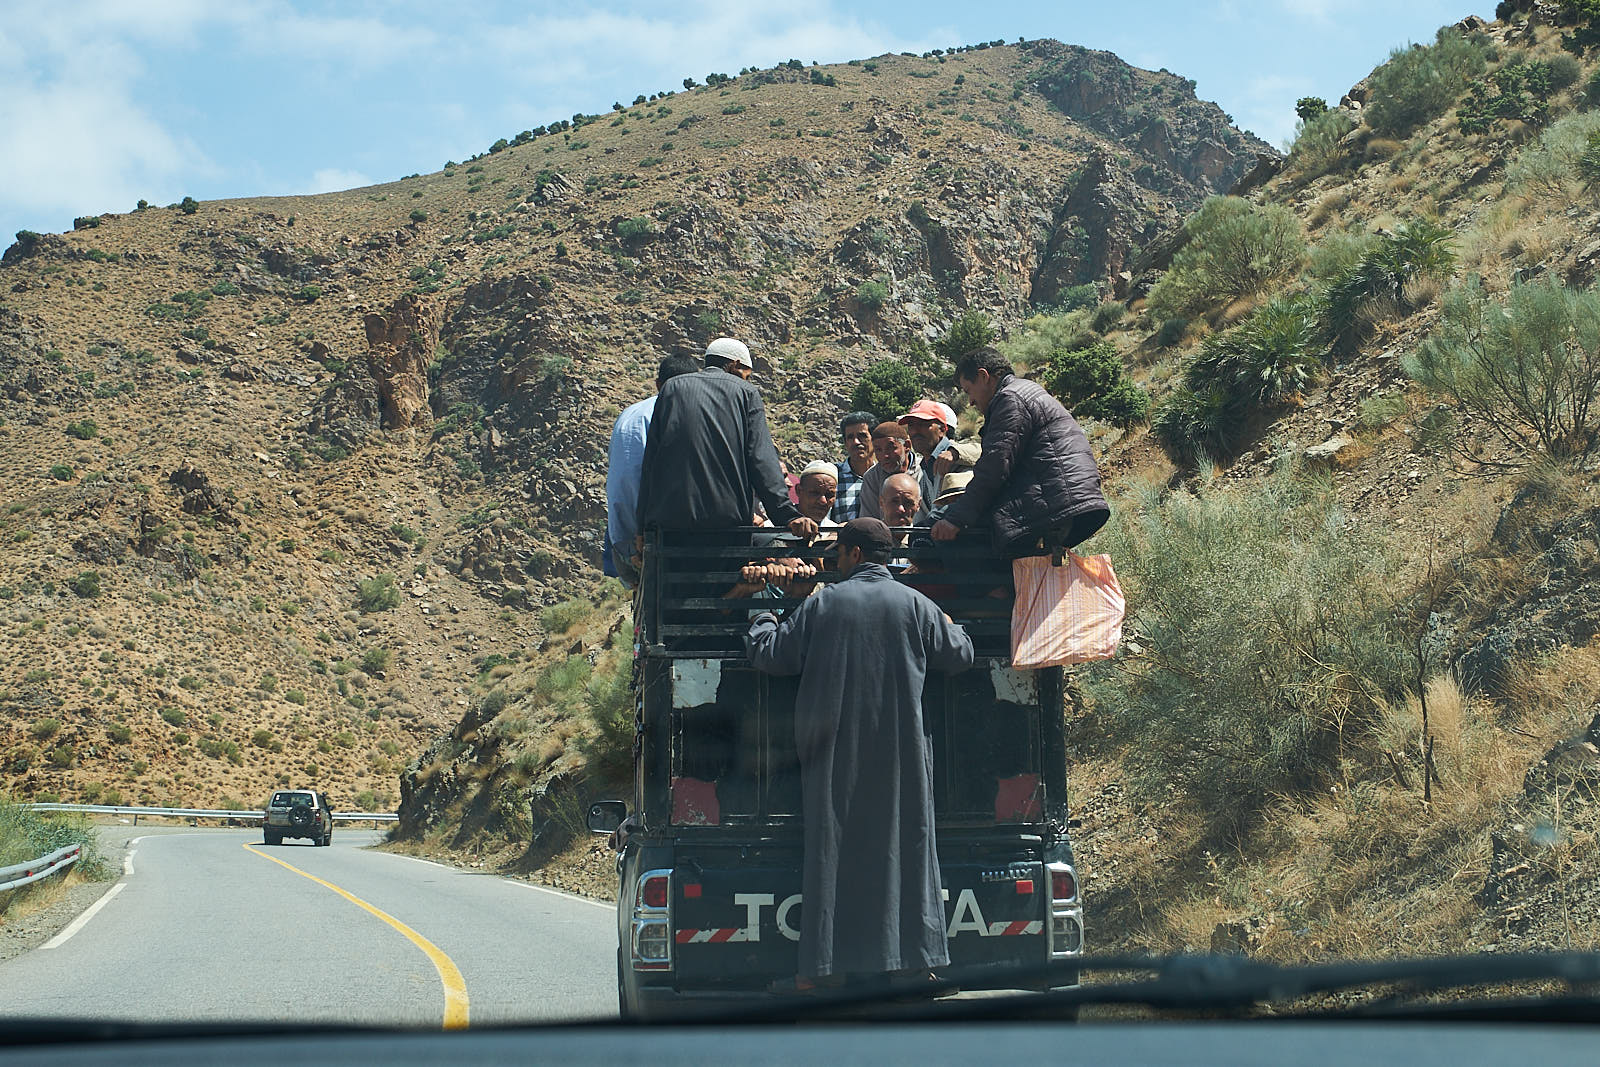 Marokkanisches Sammeltaxi